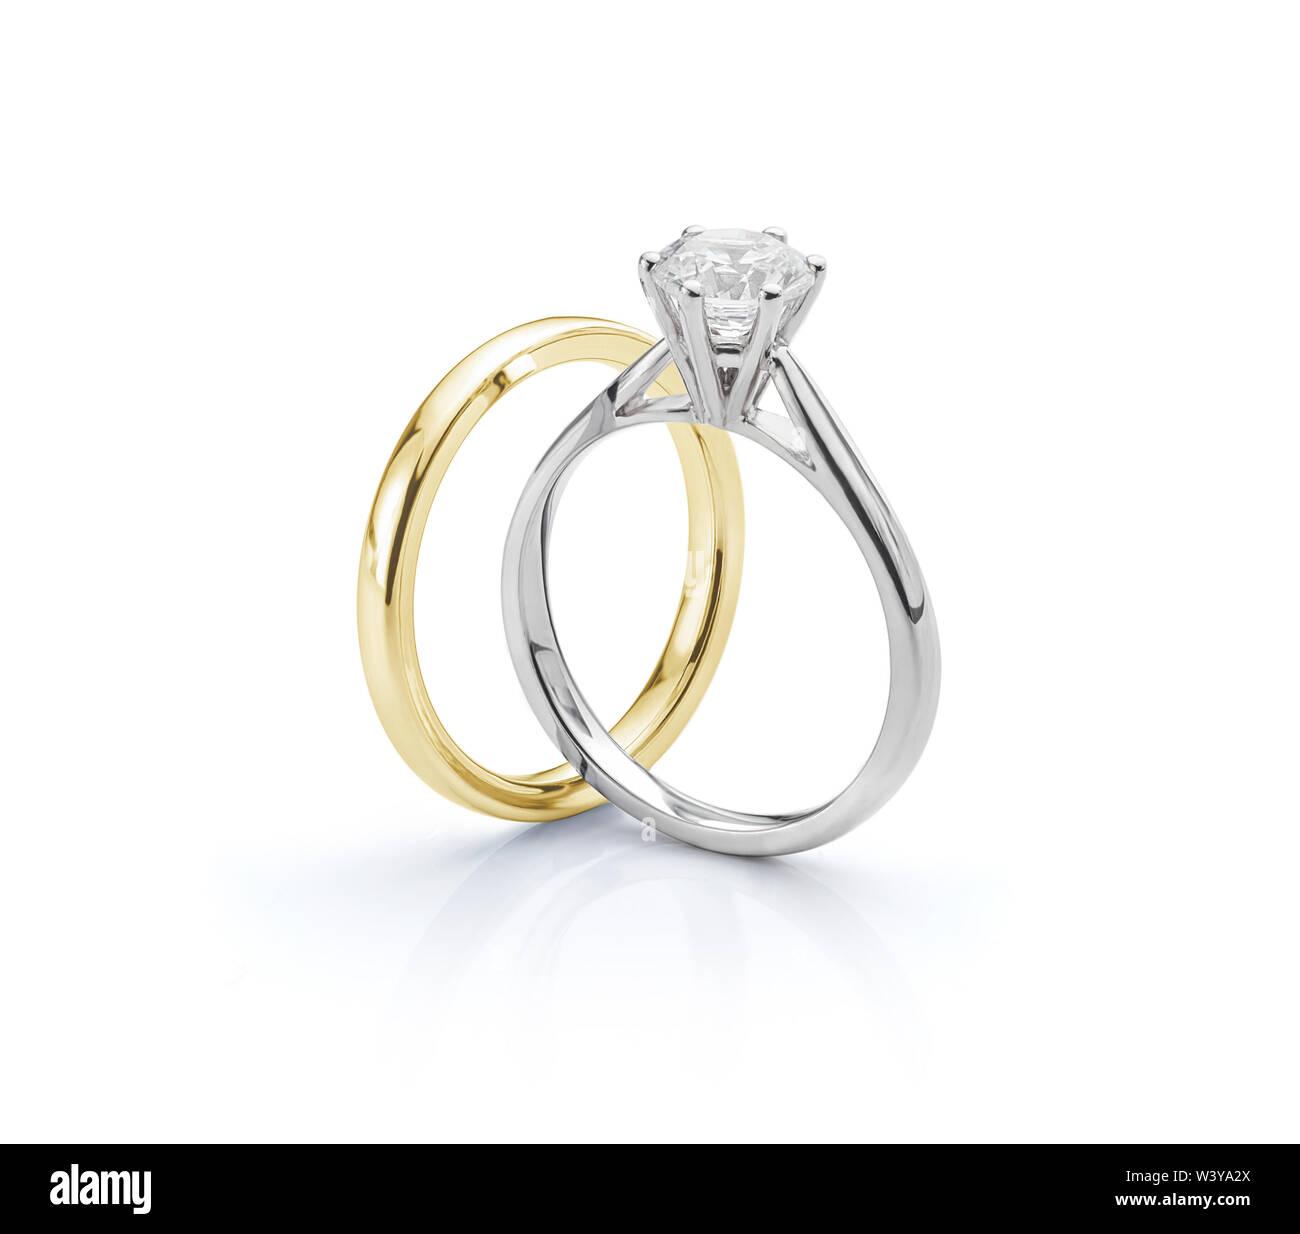 White Gold Diamond Engagement Ring Gold Hochzeit Ring Auf